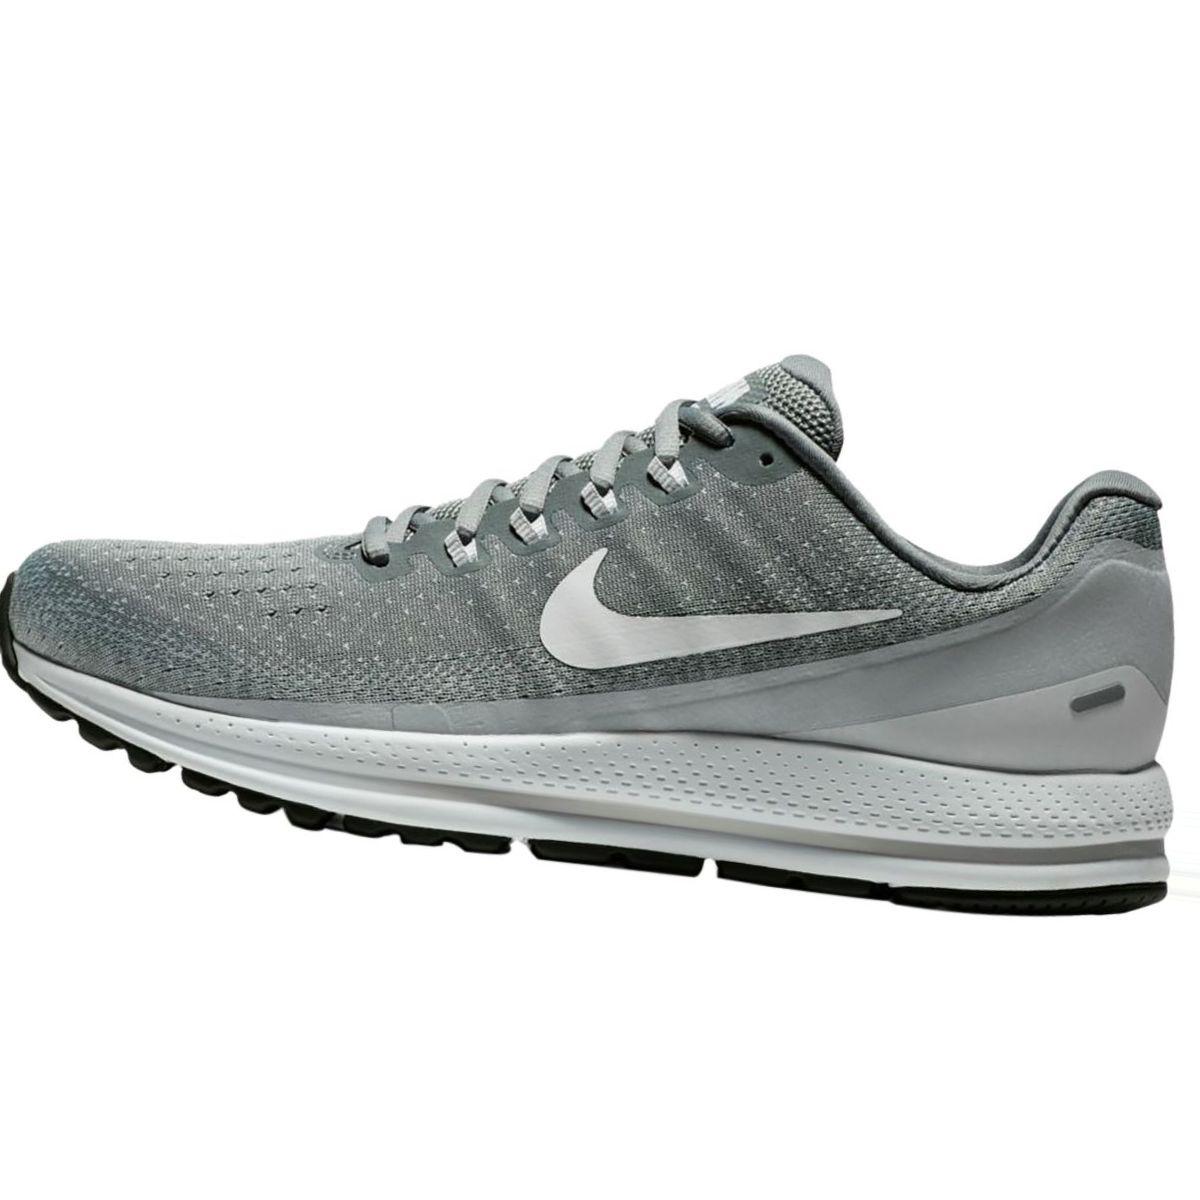 Nike Air Zoom Vomero 13 Running Shoe - Men's